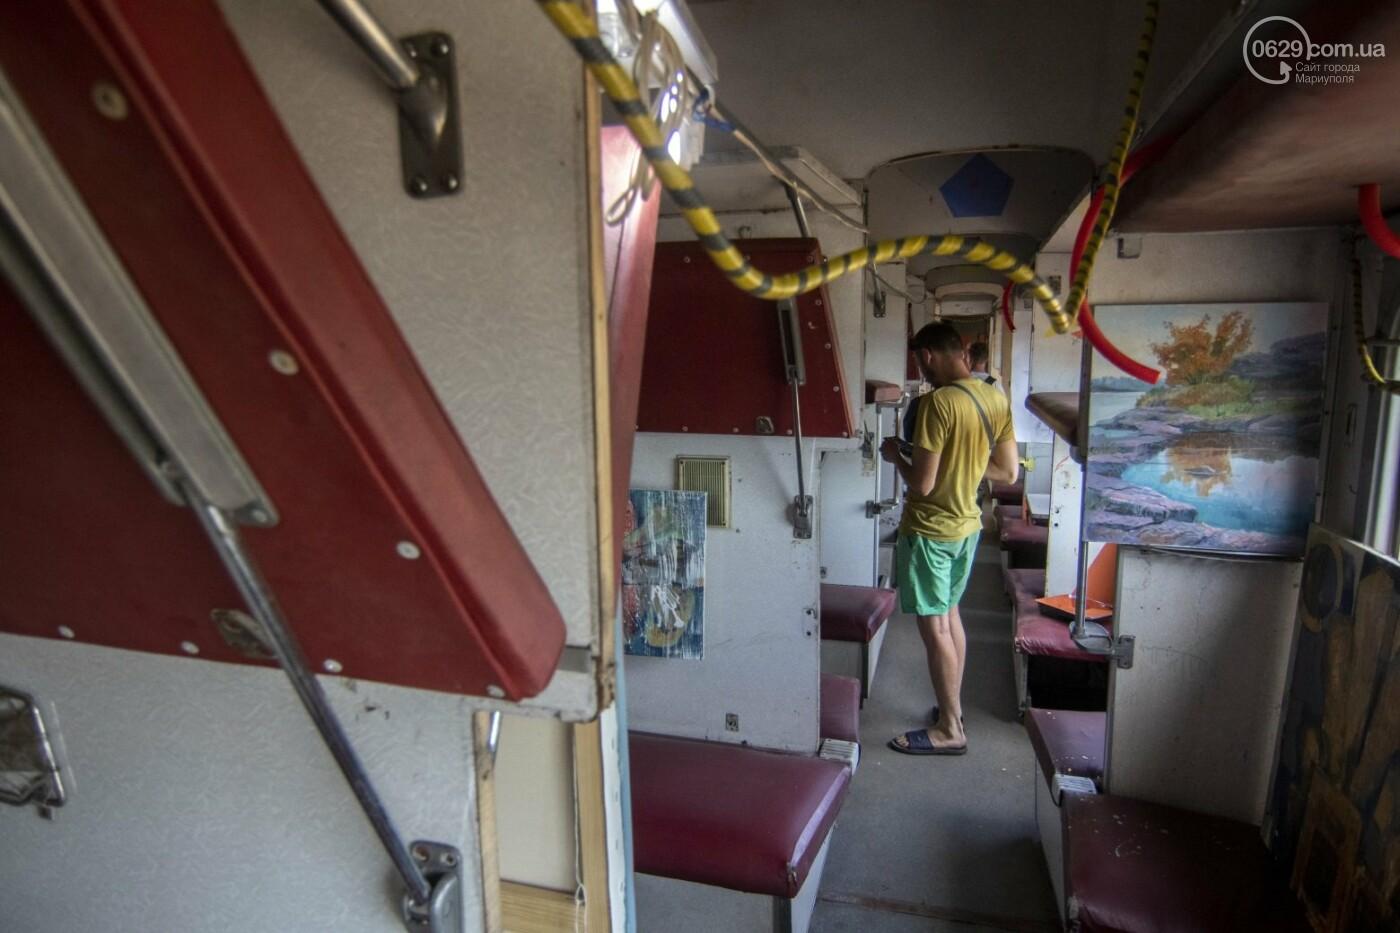 Во что превратили художники старый железнодорожный состав в Мариуполе. 33 фотографии! , фото-14